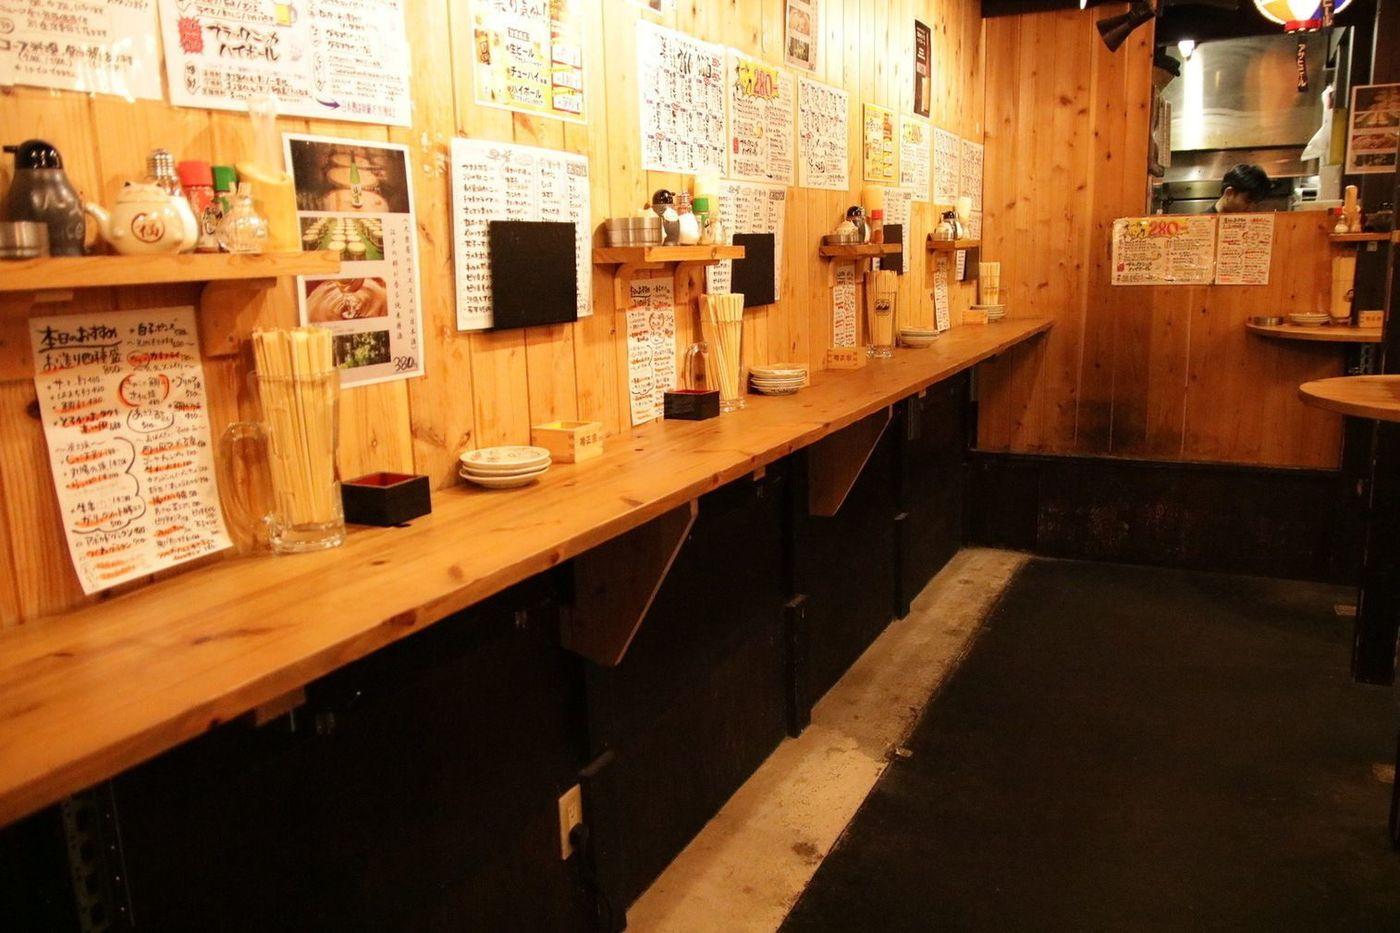 【難波×個室】難波で見つけた!個室&ハイクオリティ居酒屋9選♡の画像